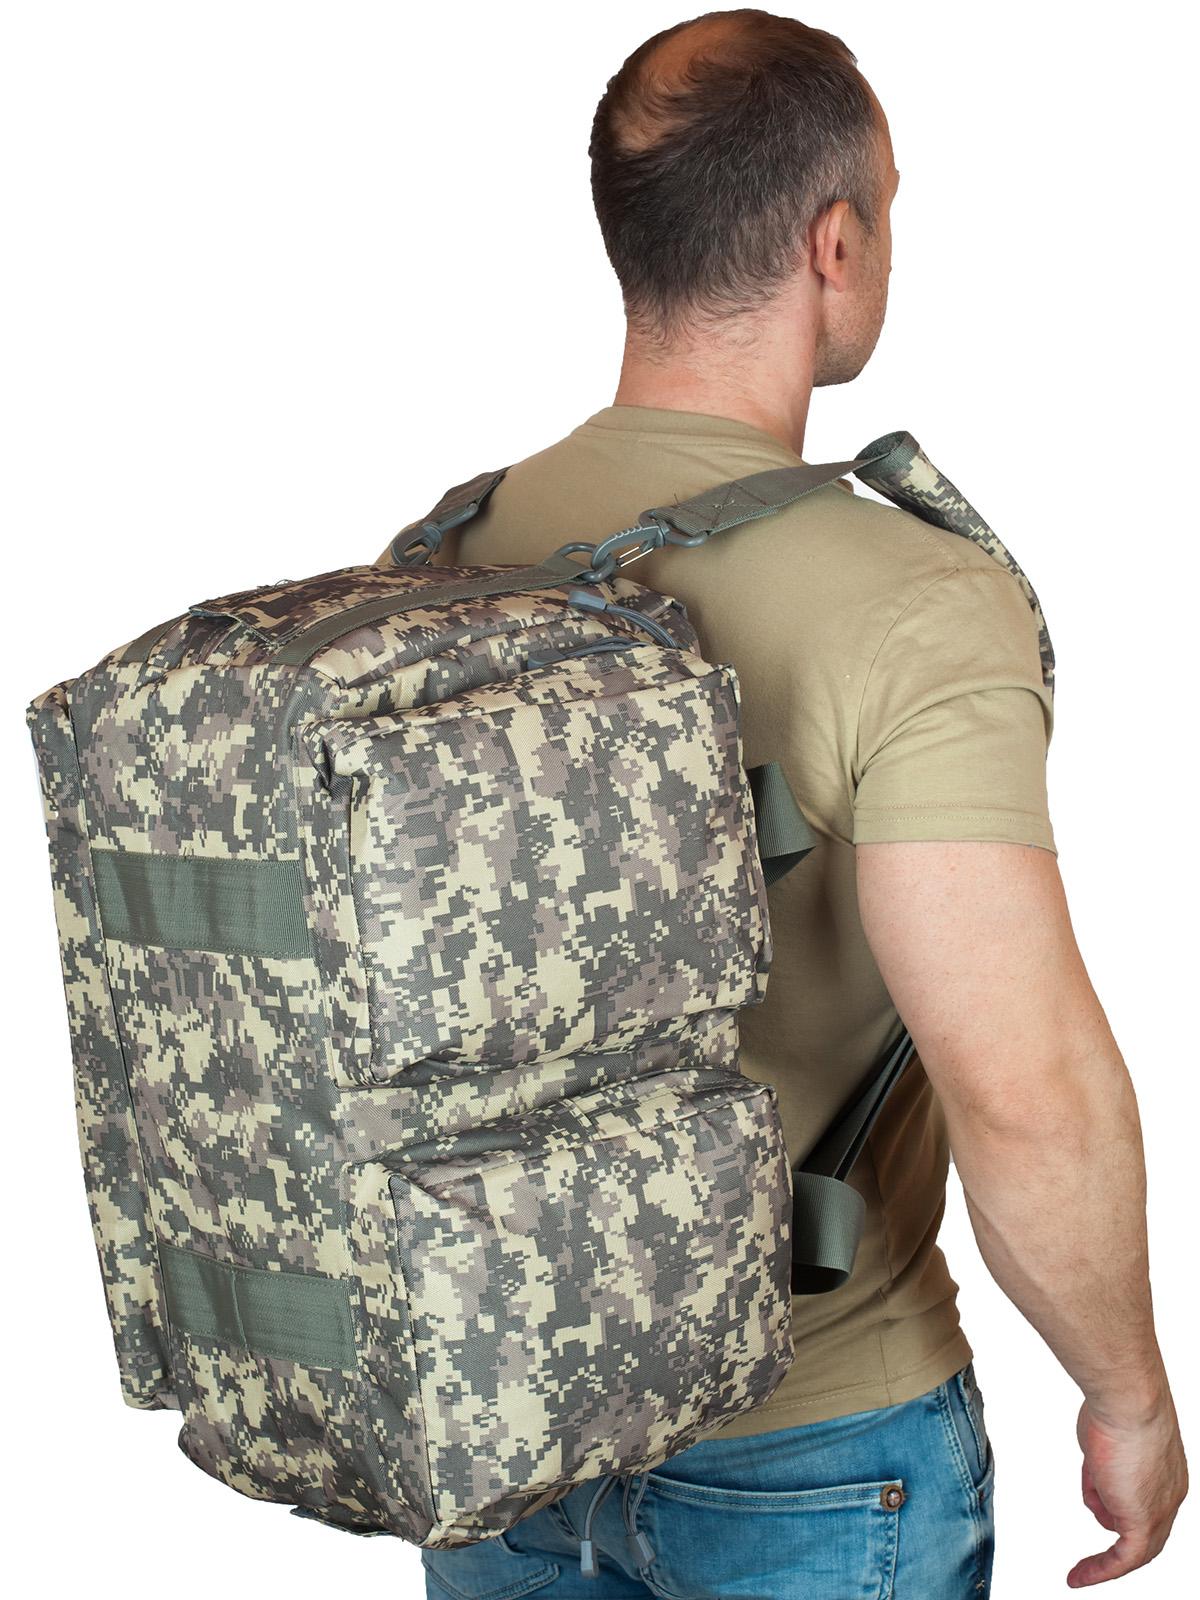 Купить походную камуфляжную сумку с нашивкой МВД с доставкой онлайн